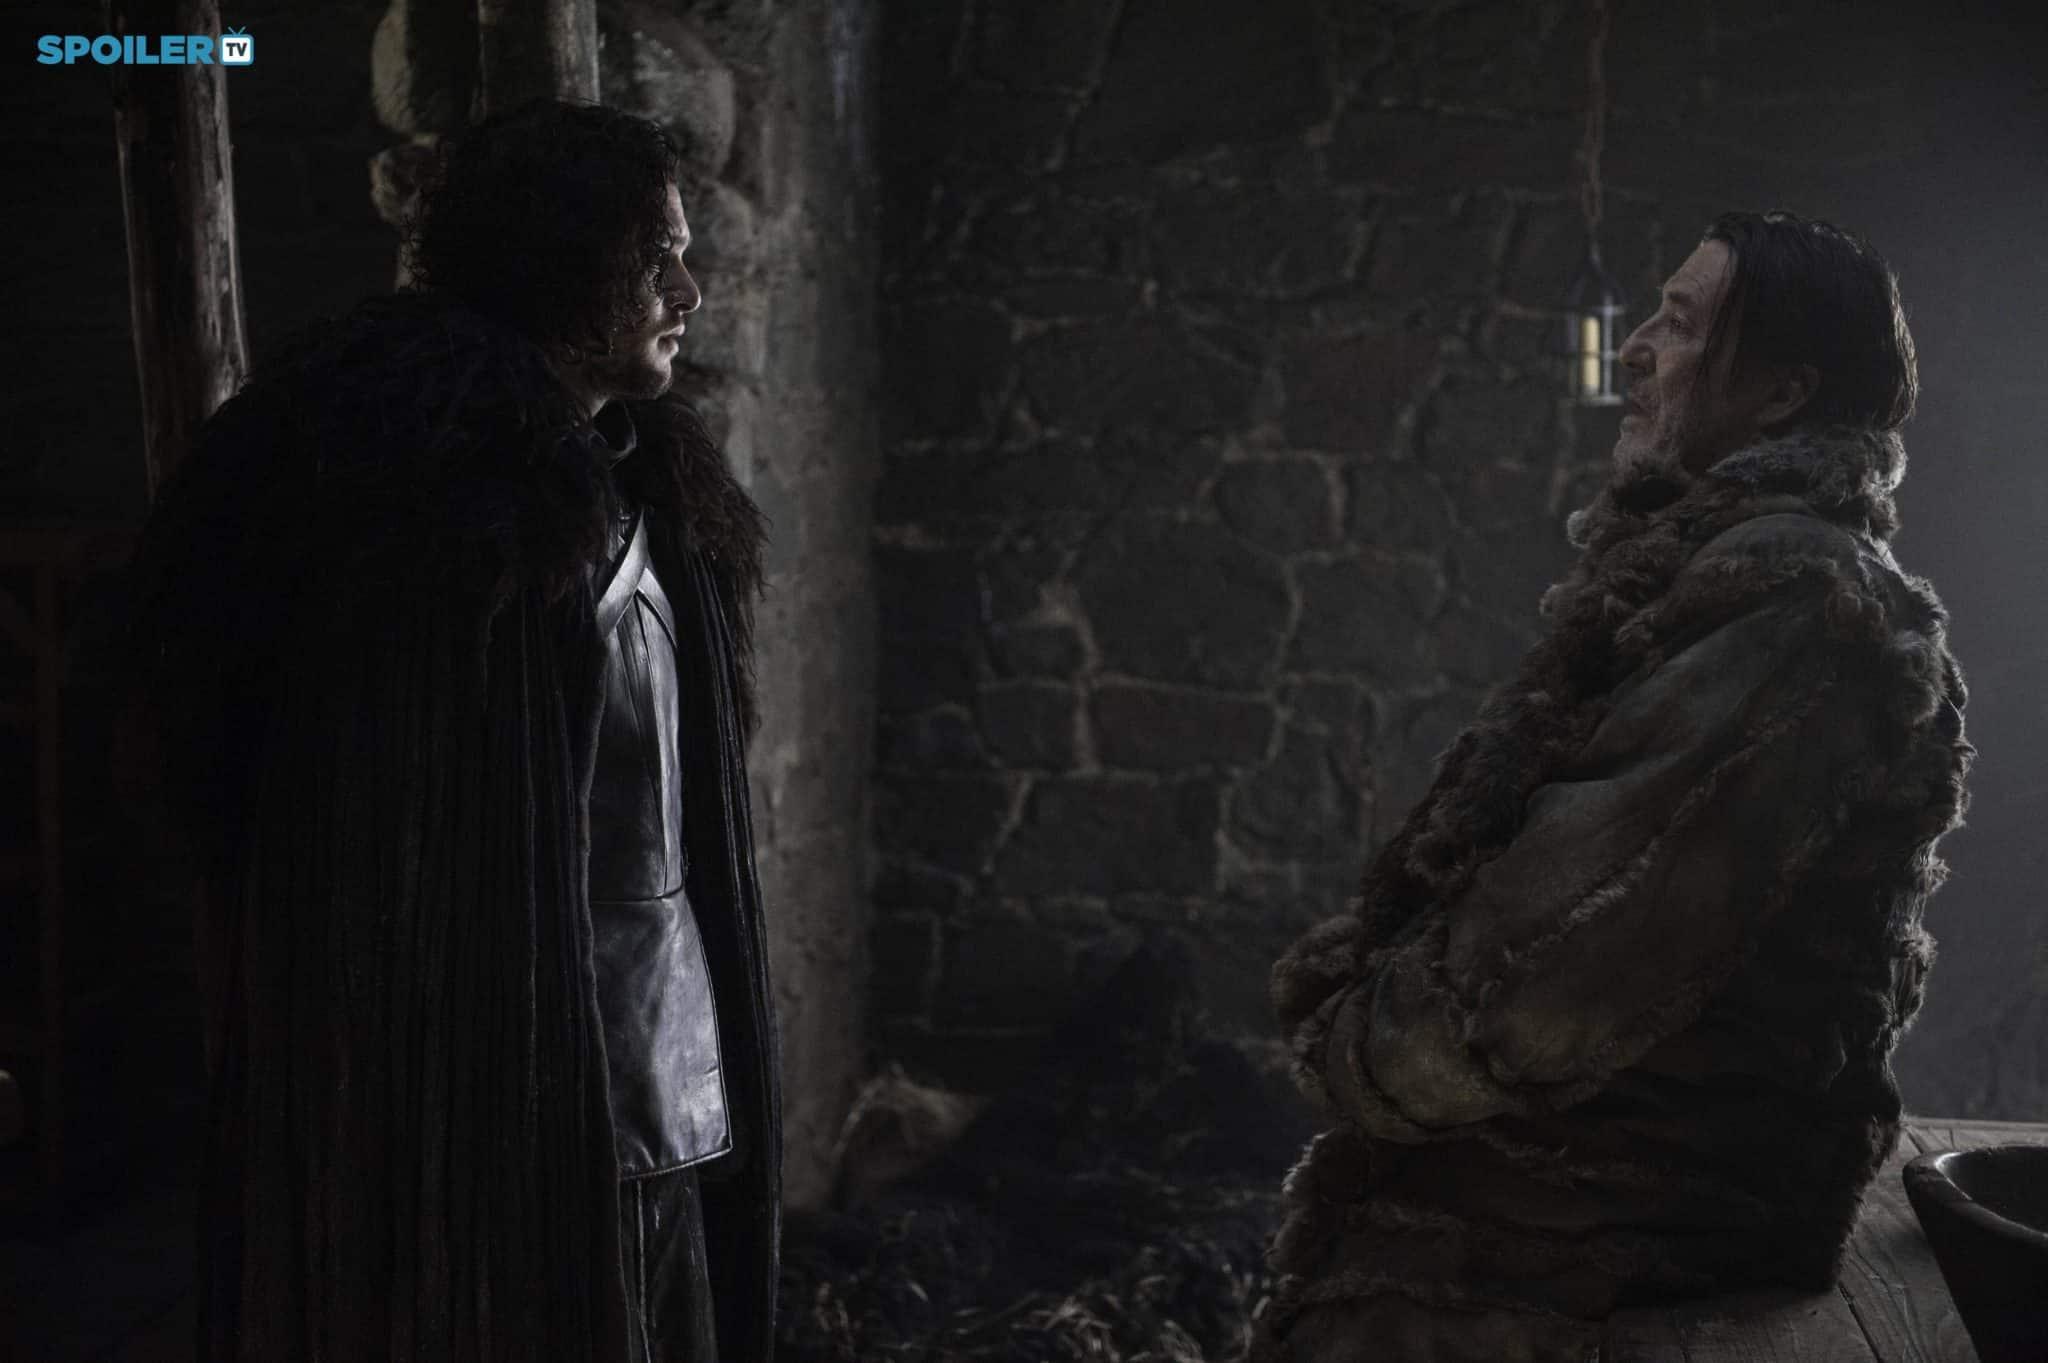 juego de tronos season 5